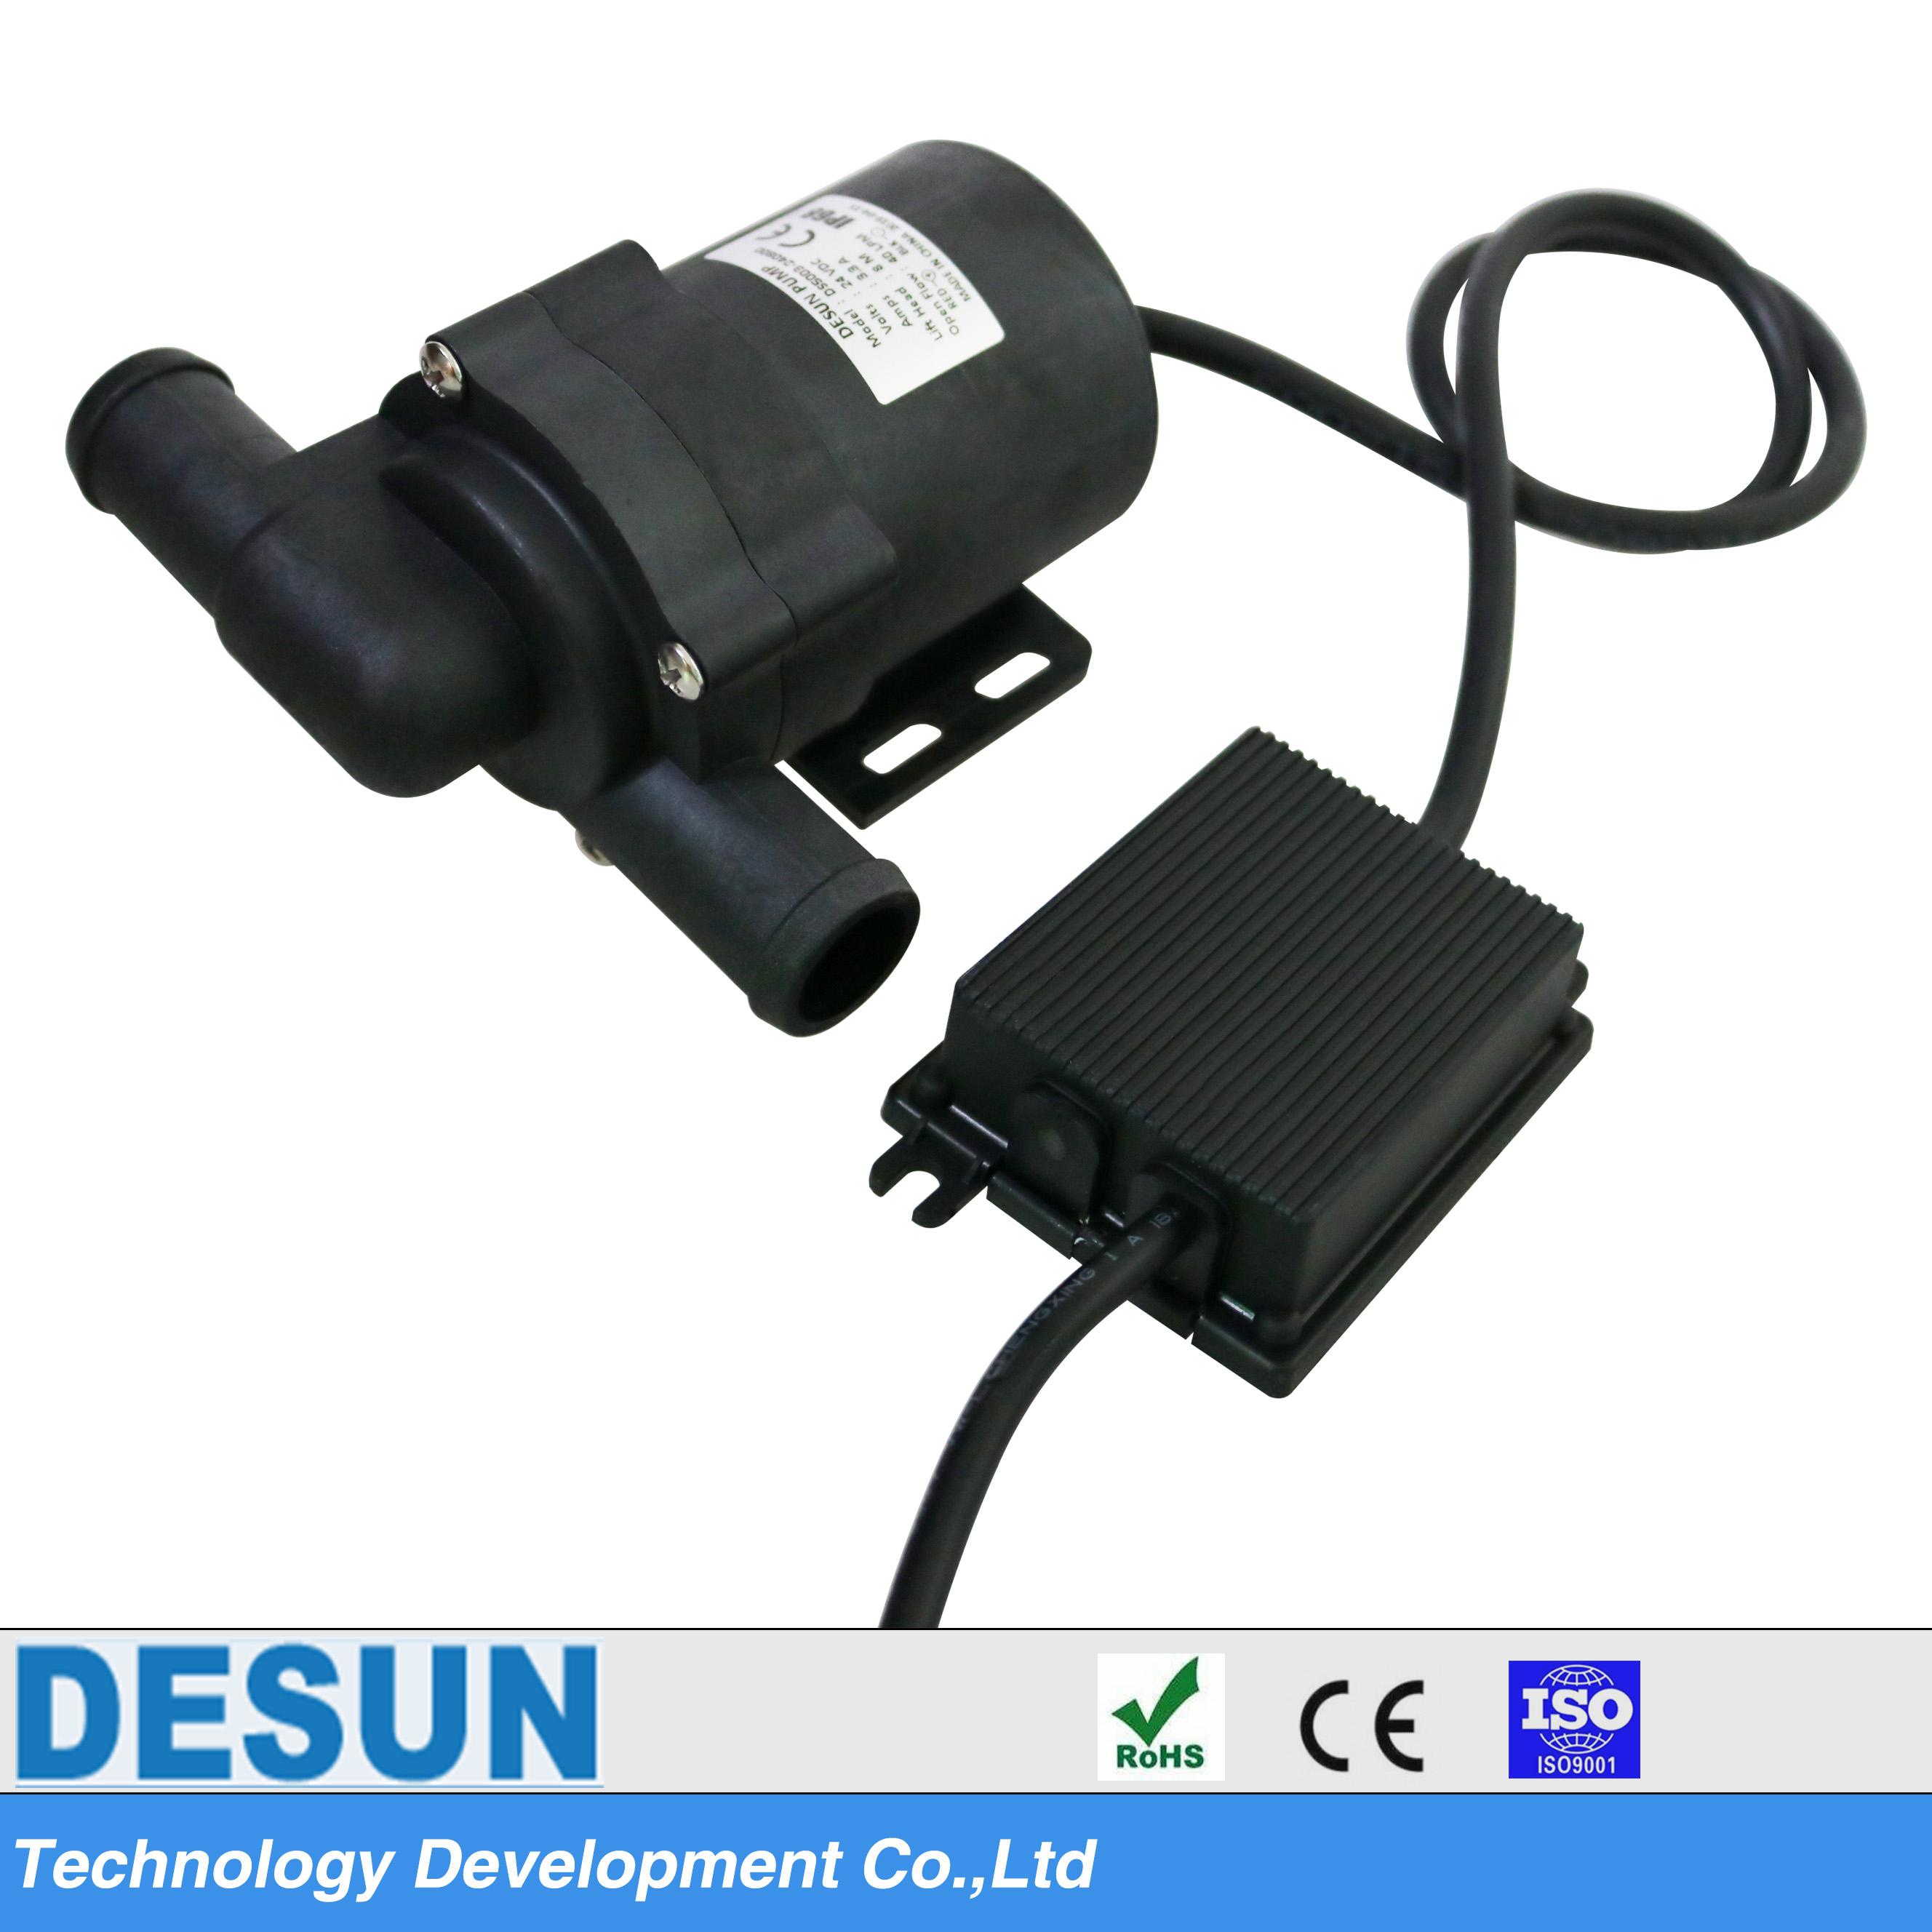 三相调速微型汽车电子水泵DS5003